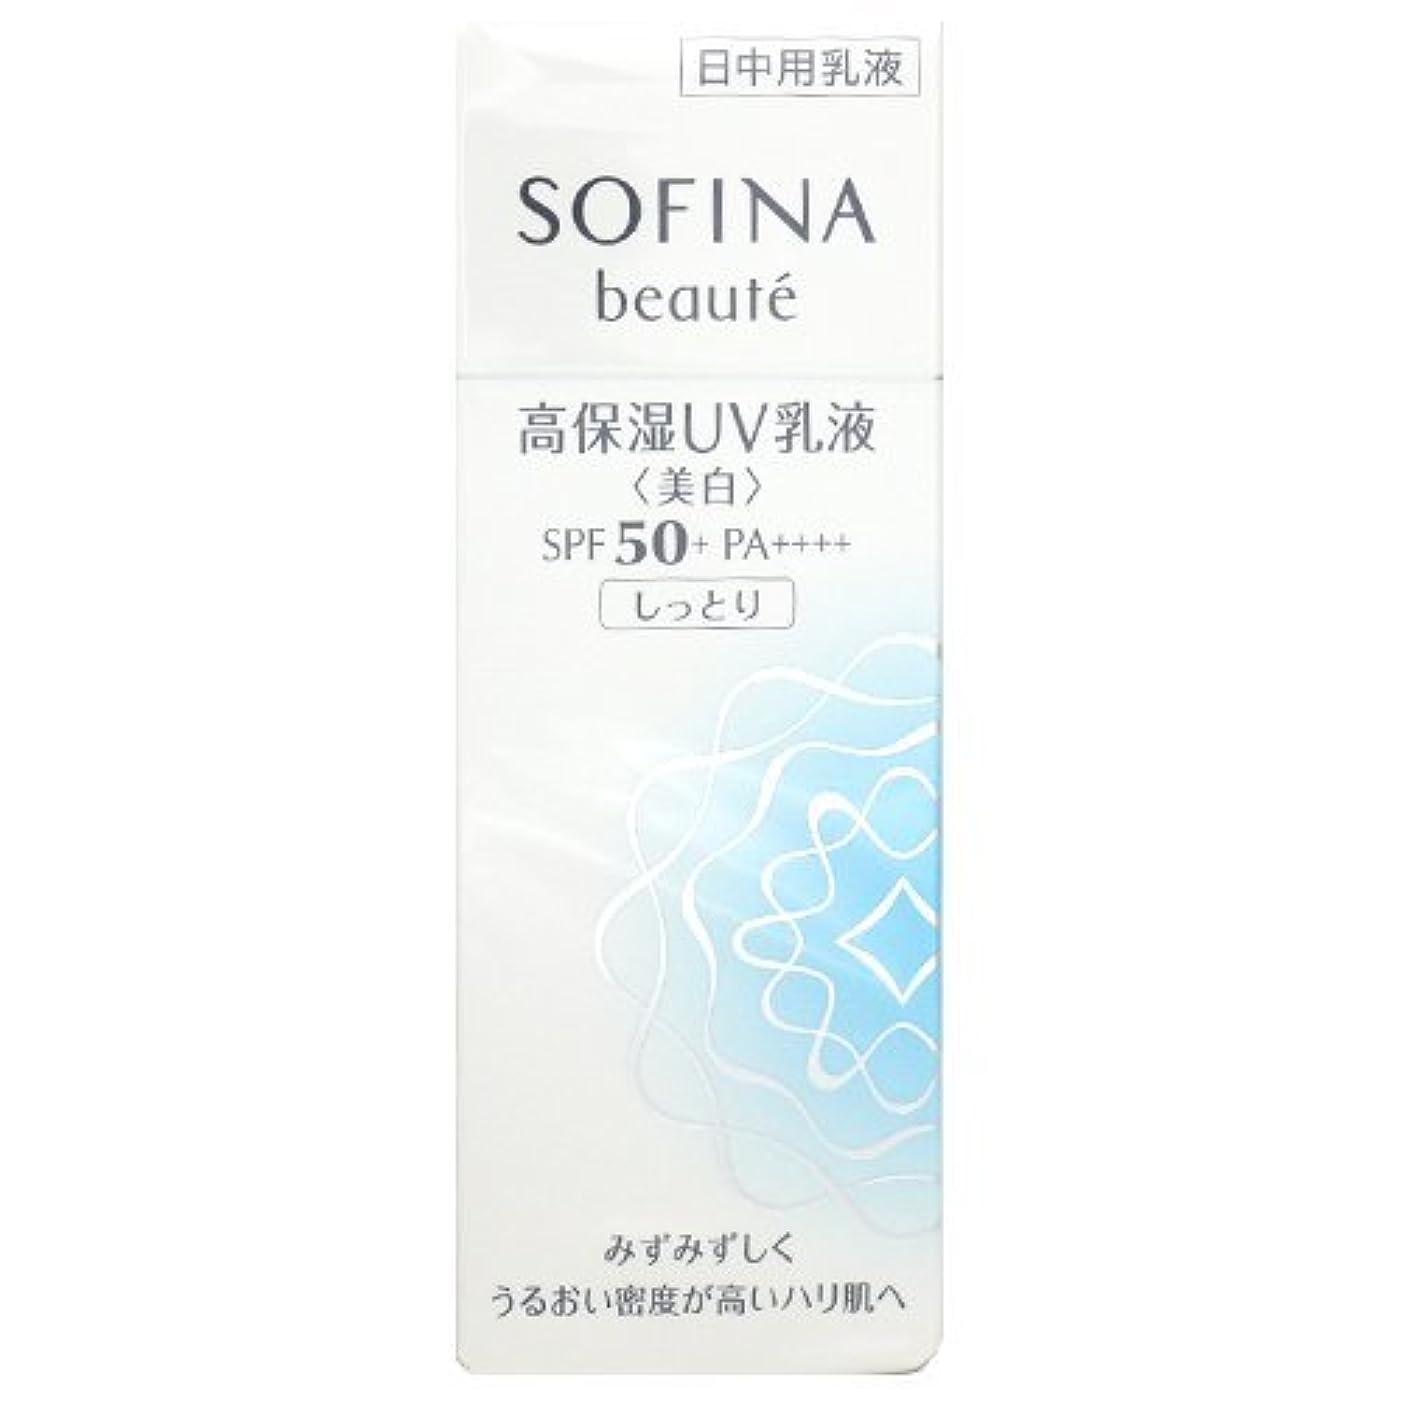 バター再発するもろい花王 ソフィーナ ボーテ SOFINA beaute 高保湿UV乳液 美白 SPF50+ PA++++ しっとり 30g [並行輸入品]